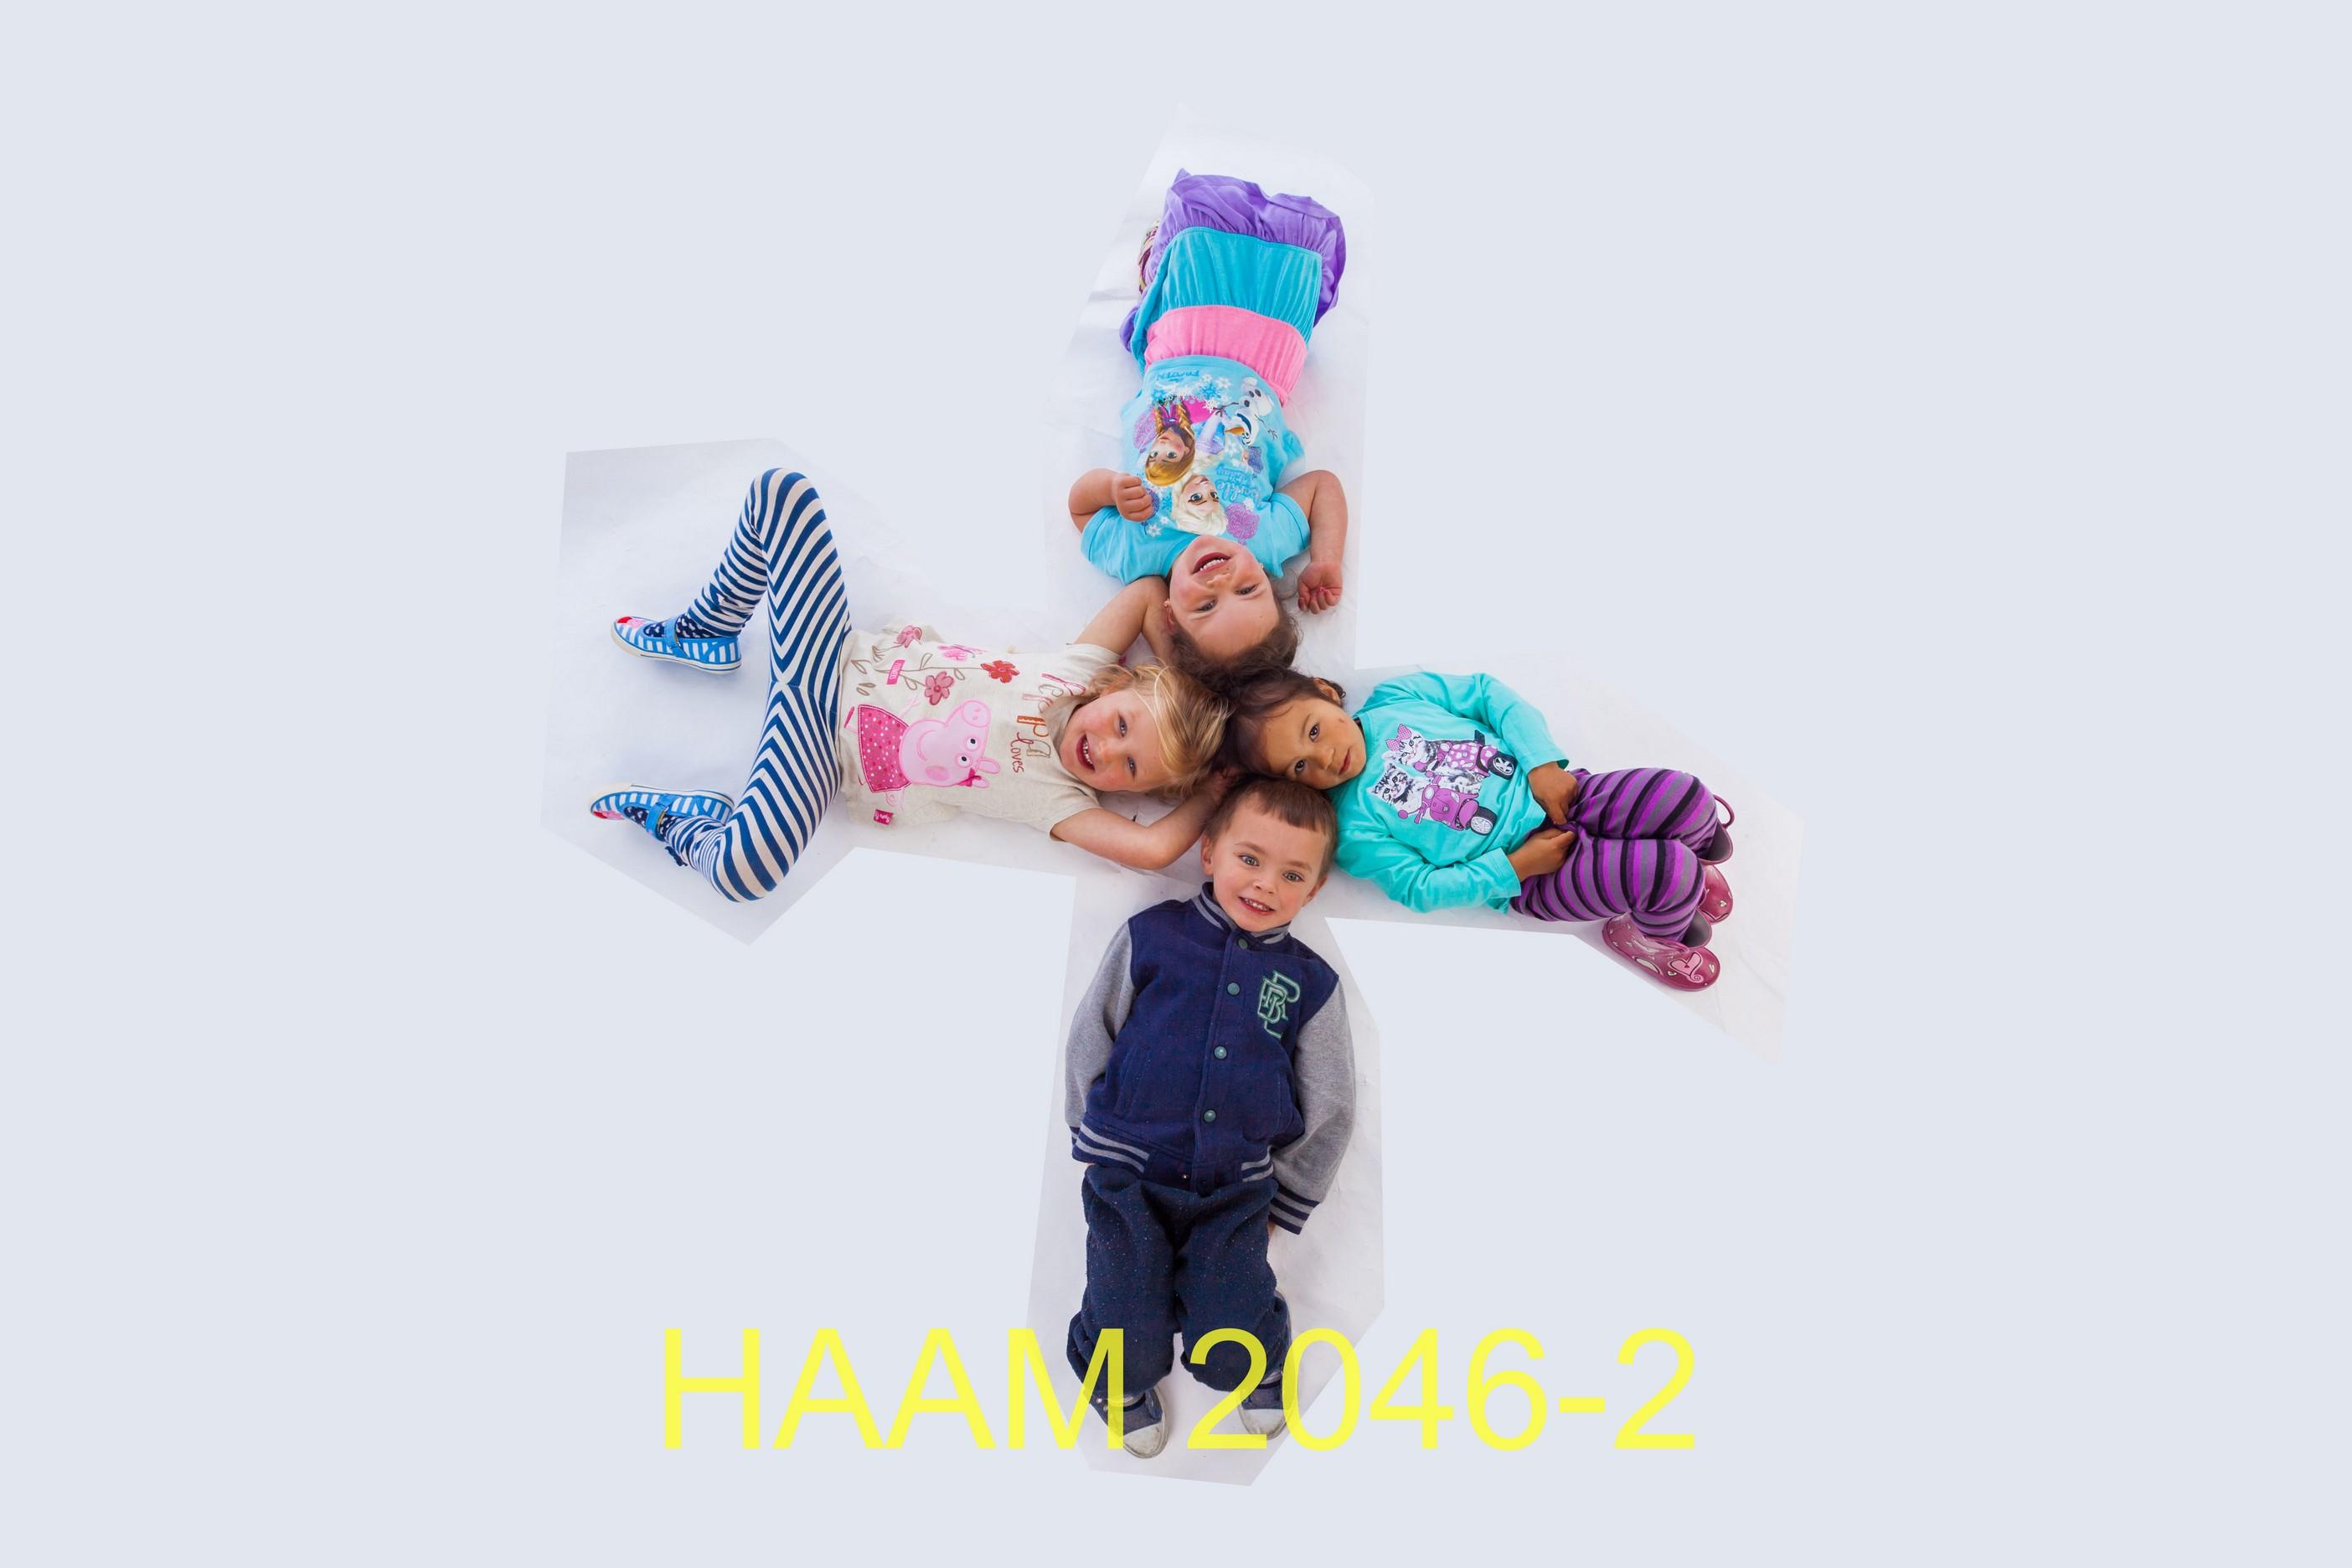 HAAM 2046-2